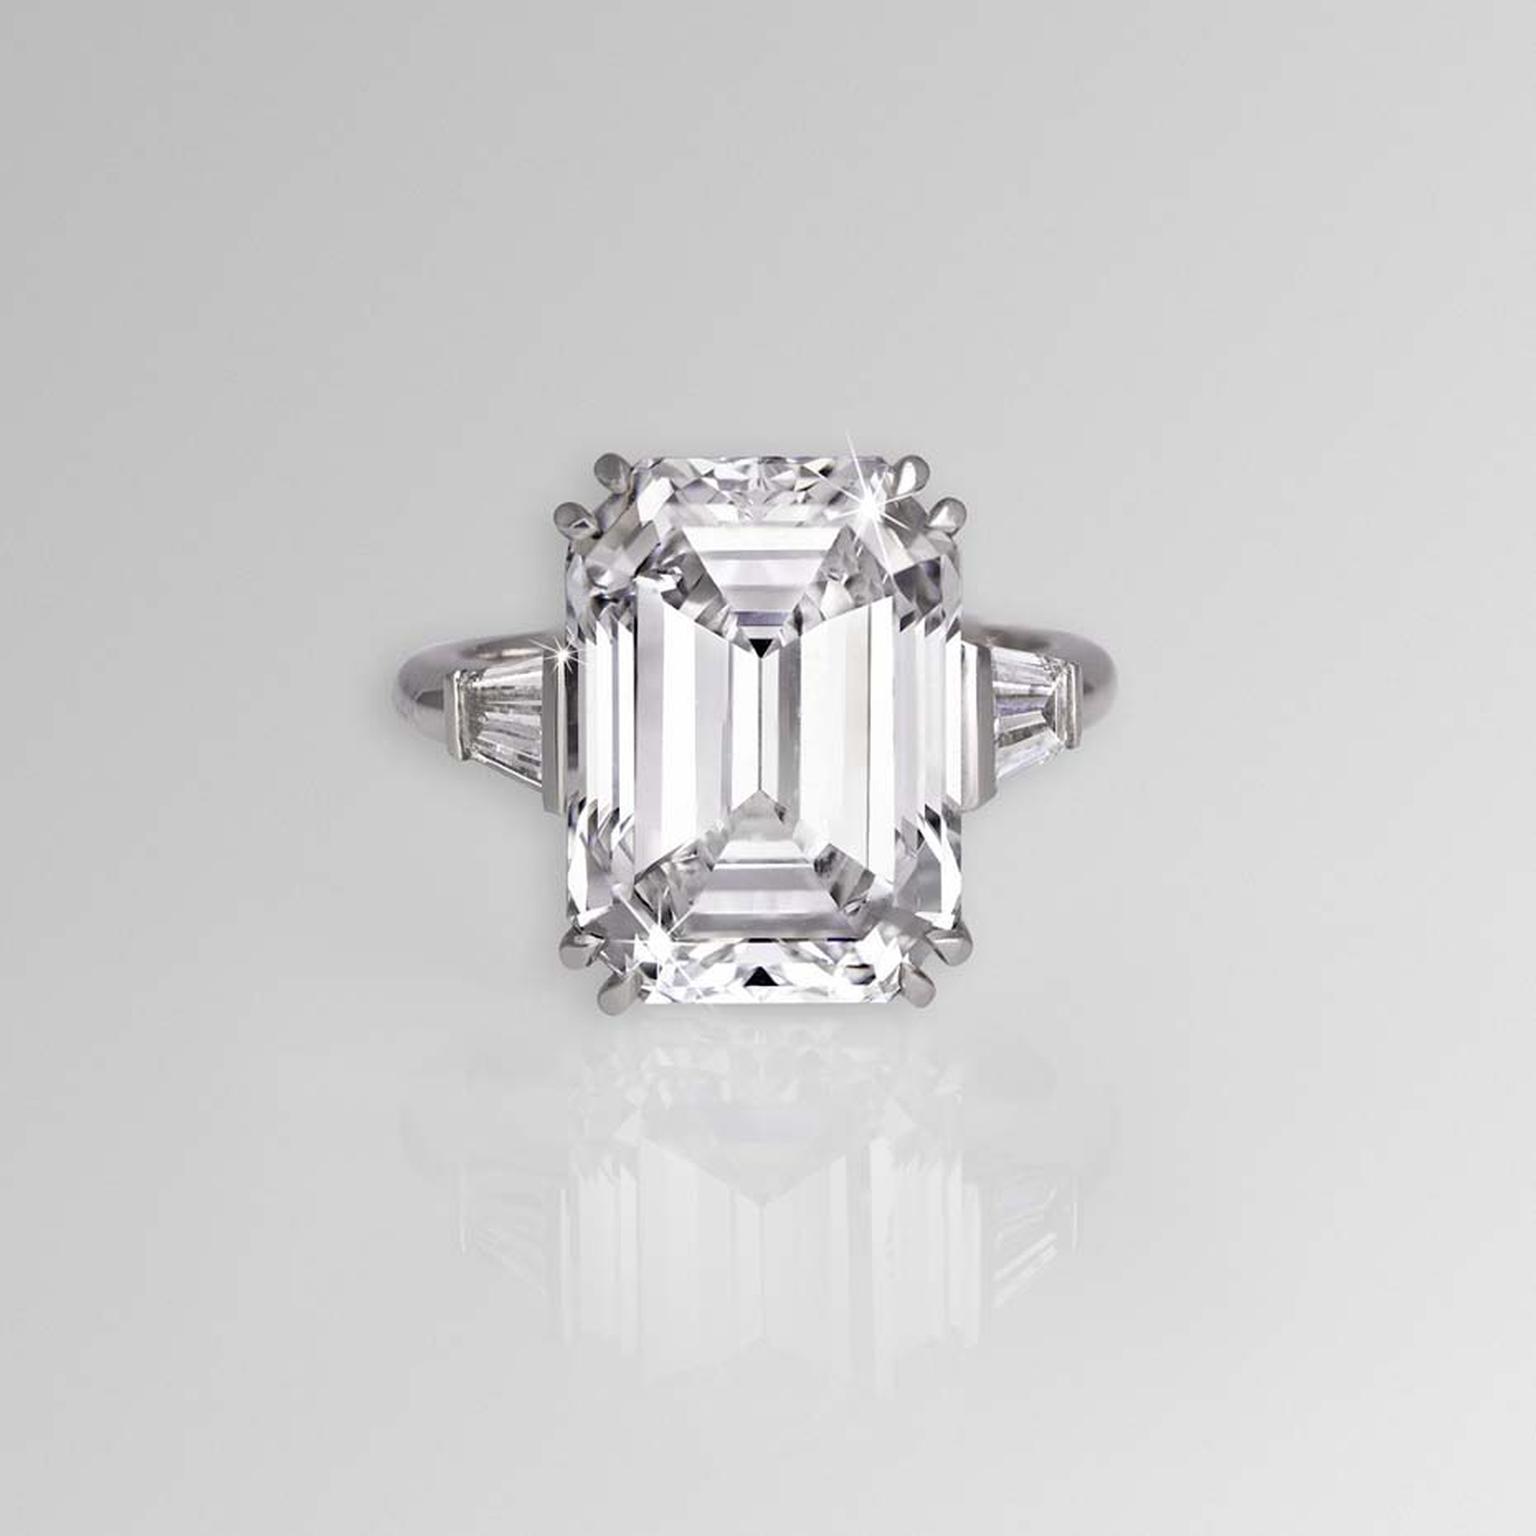 Most beautiful emerald cut diamond ings in the world